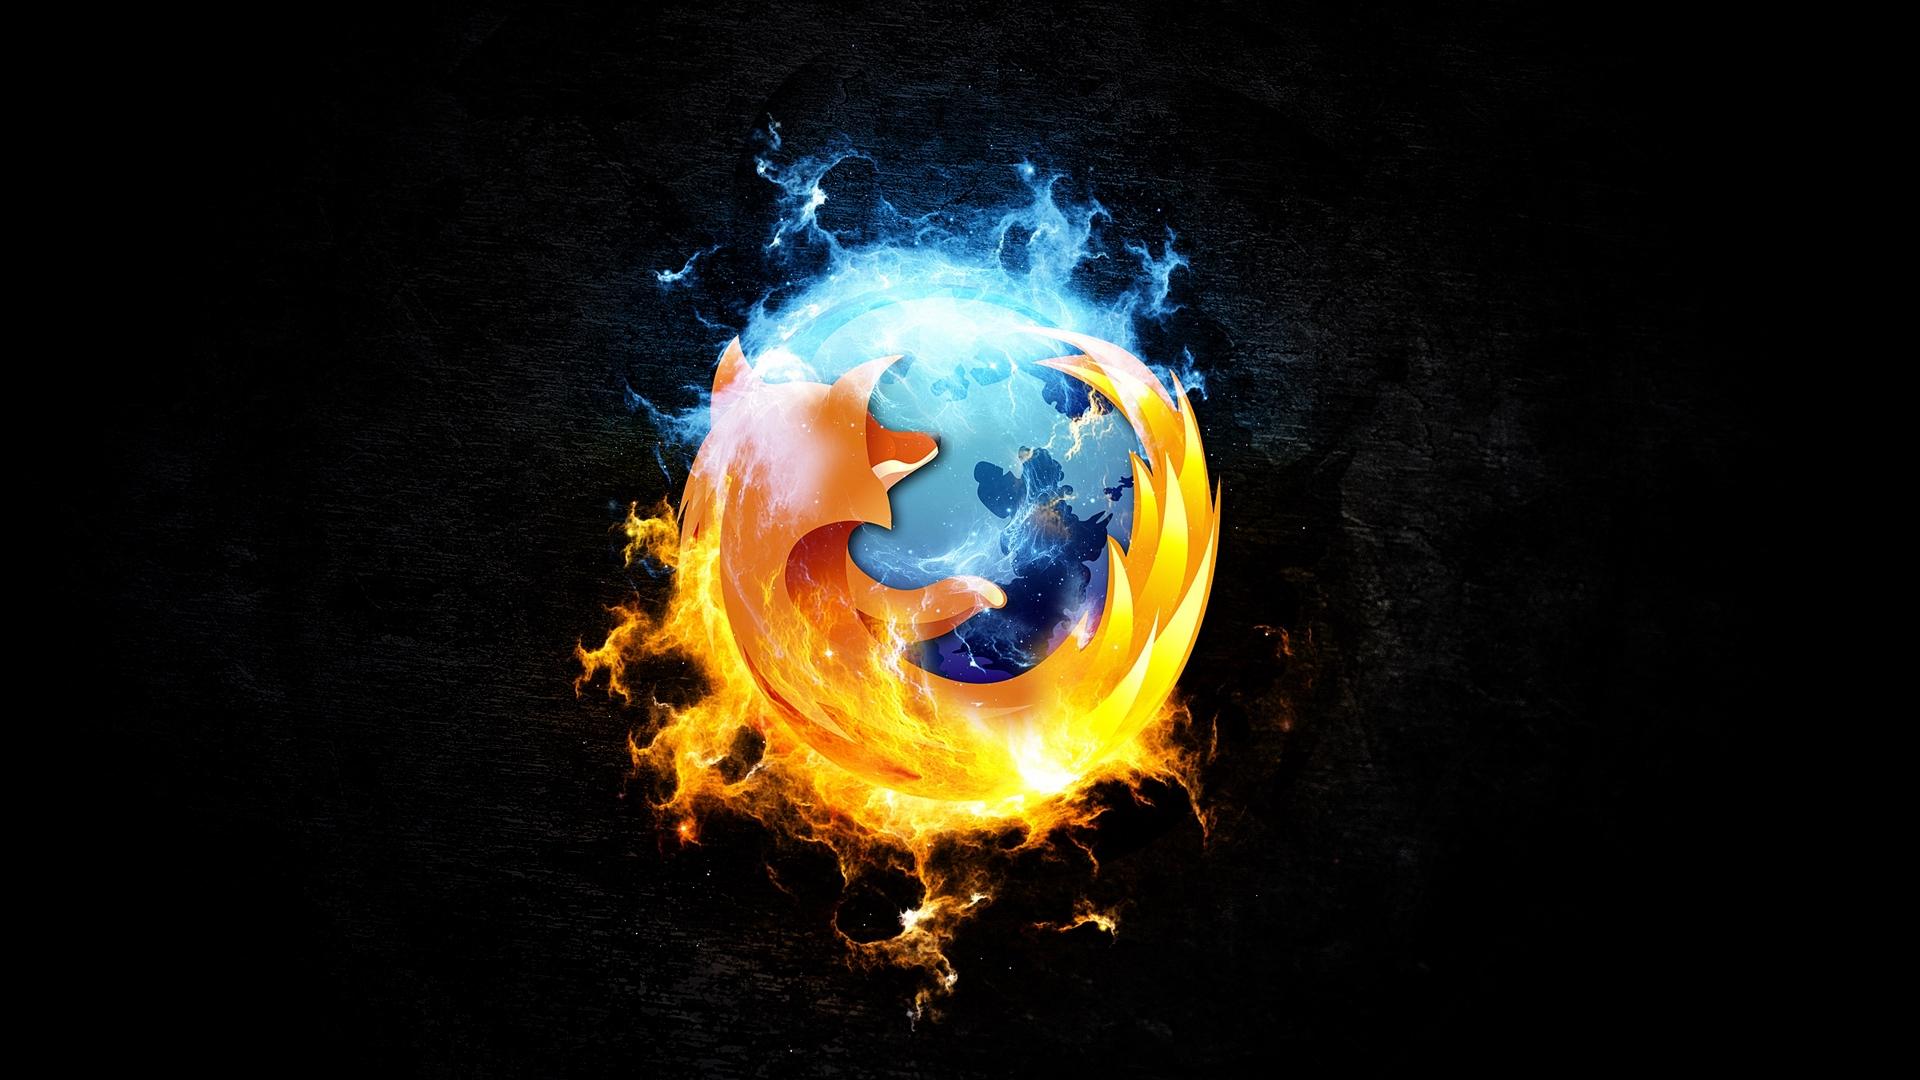 firefox_browser_internet_black_30985_1920x1080.jpg